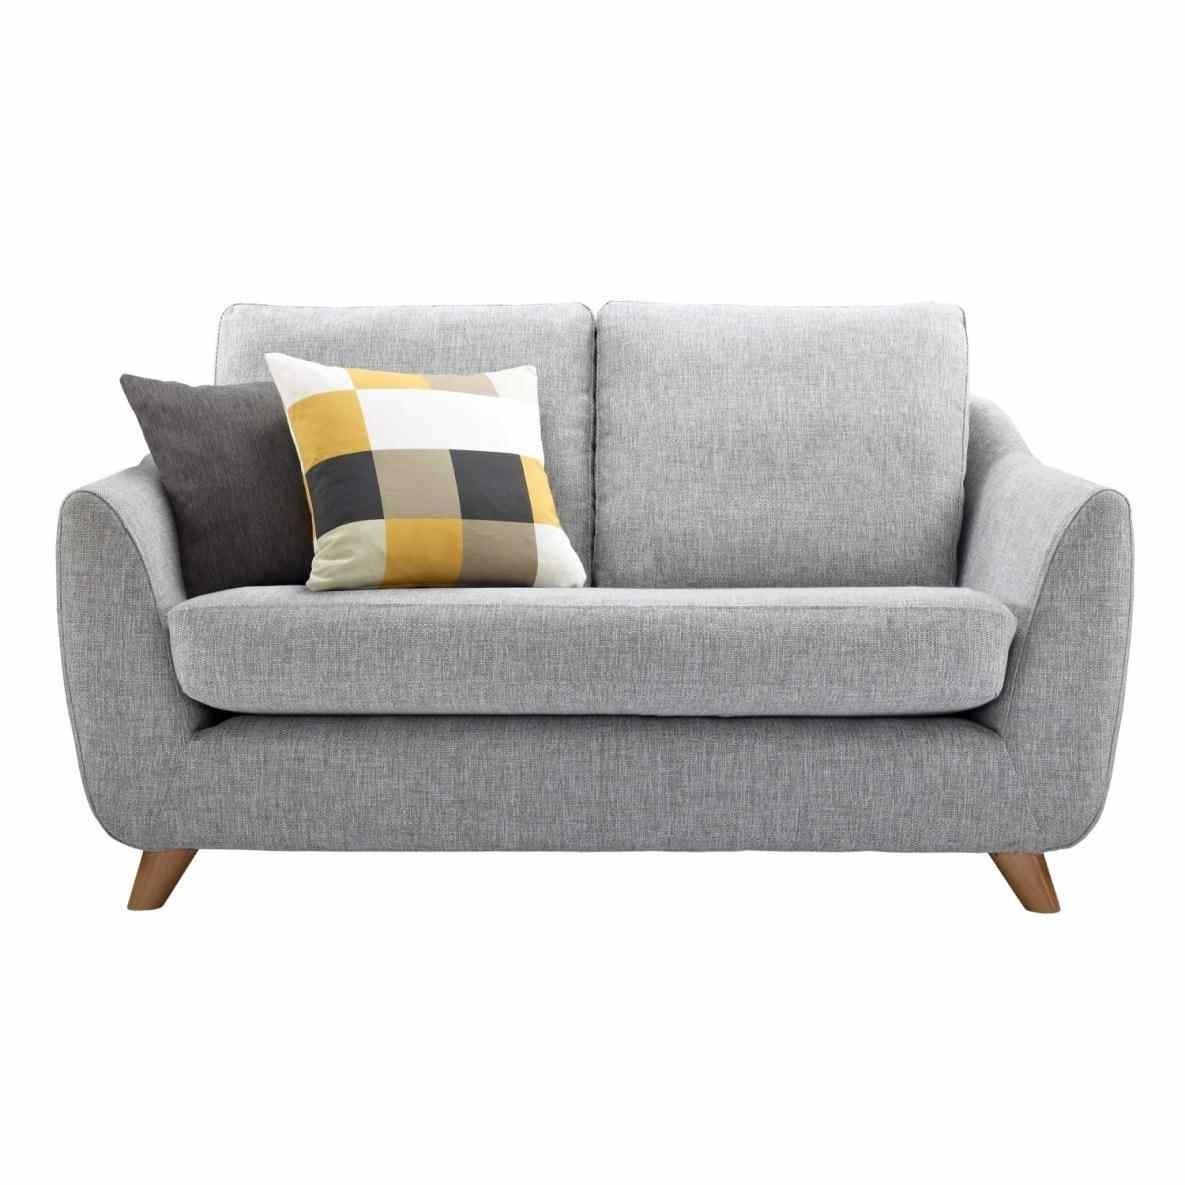 Sofa : Solsta Ikea Small Sofa Bed Sleeper Himmene Himmene Ikea Small In Ikea Small Sofas (View 9 of 10)